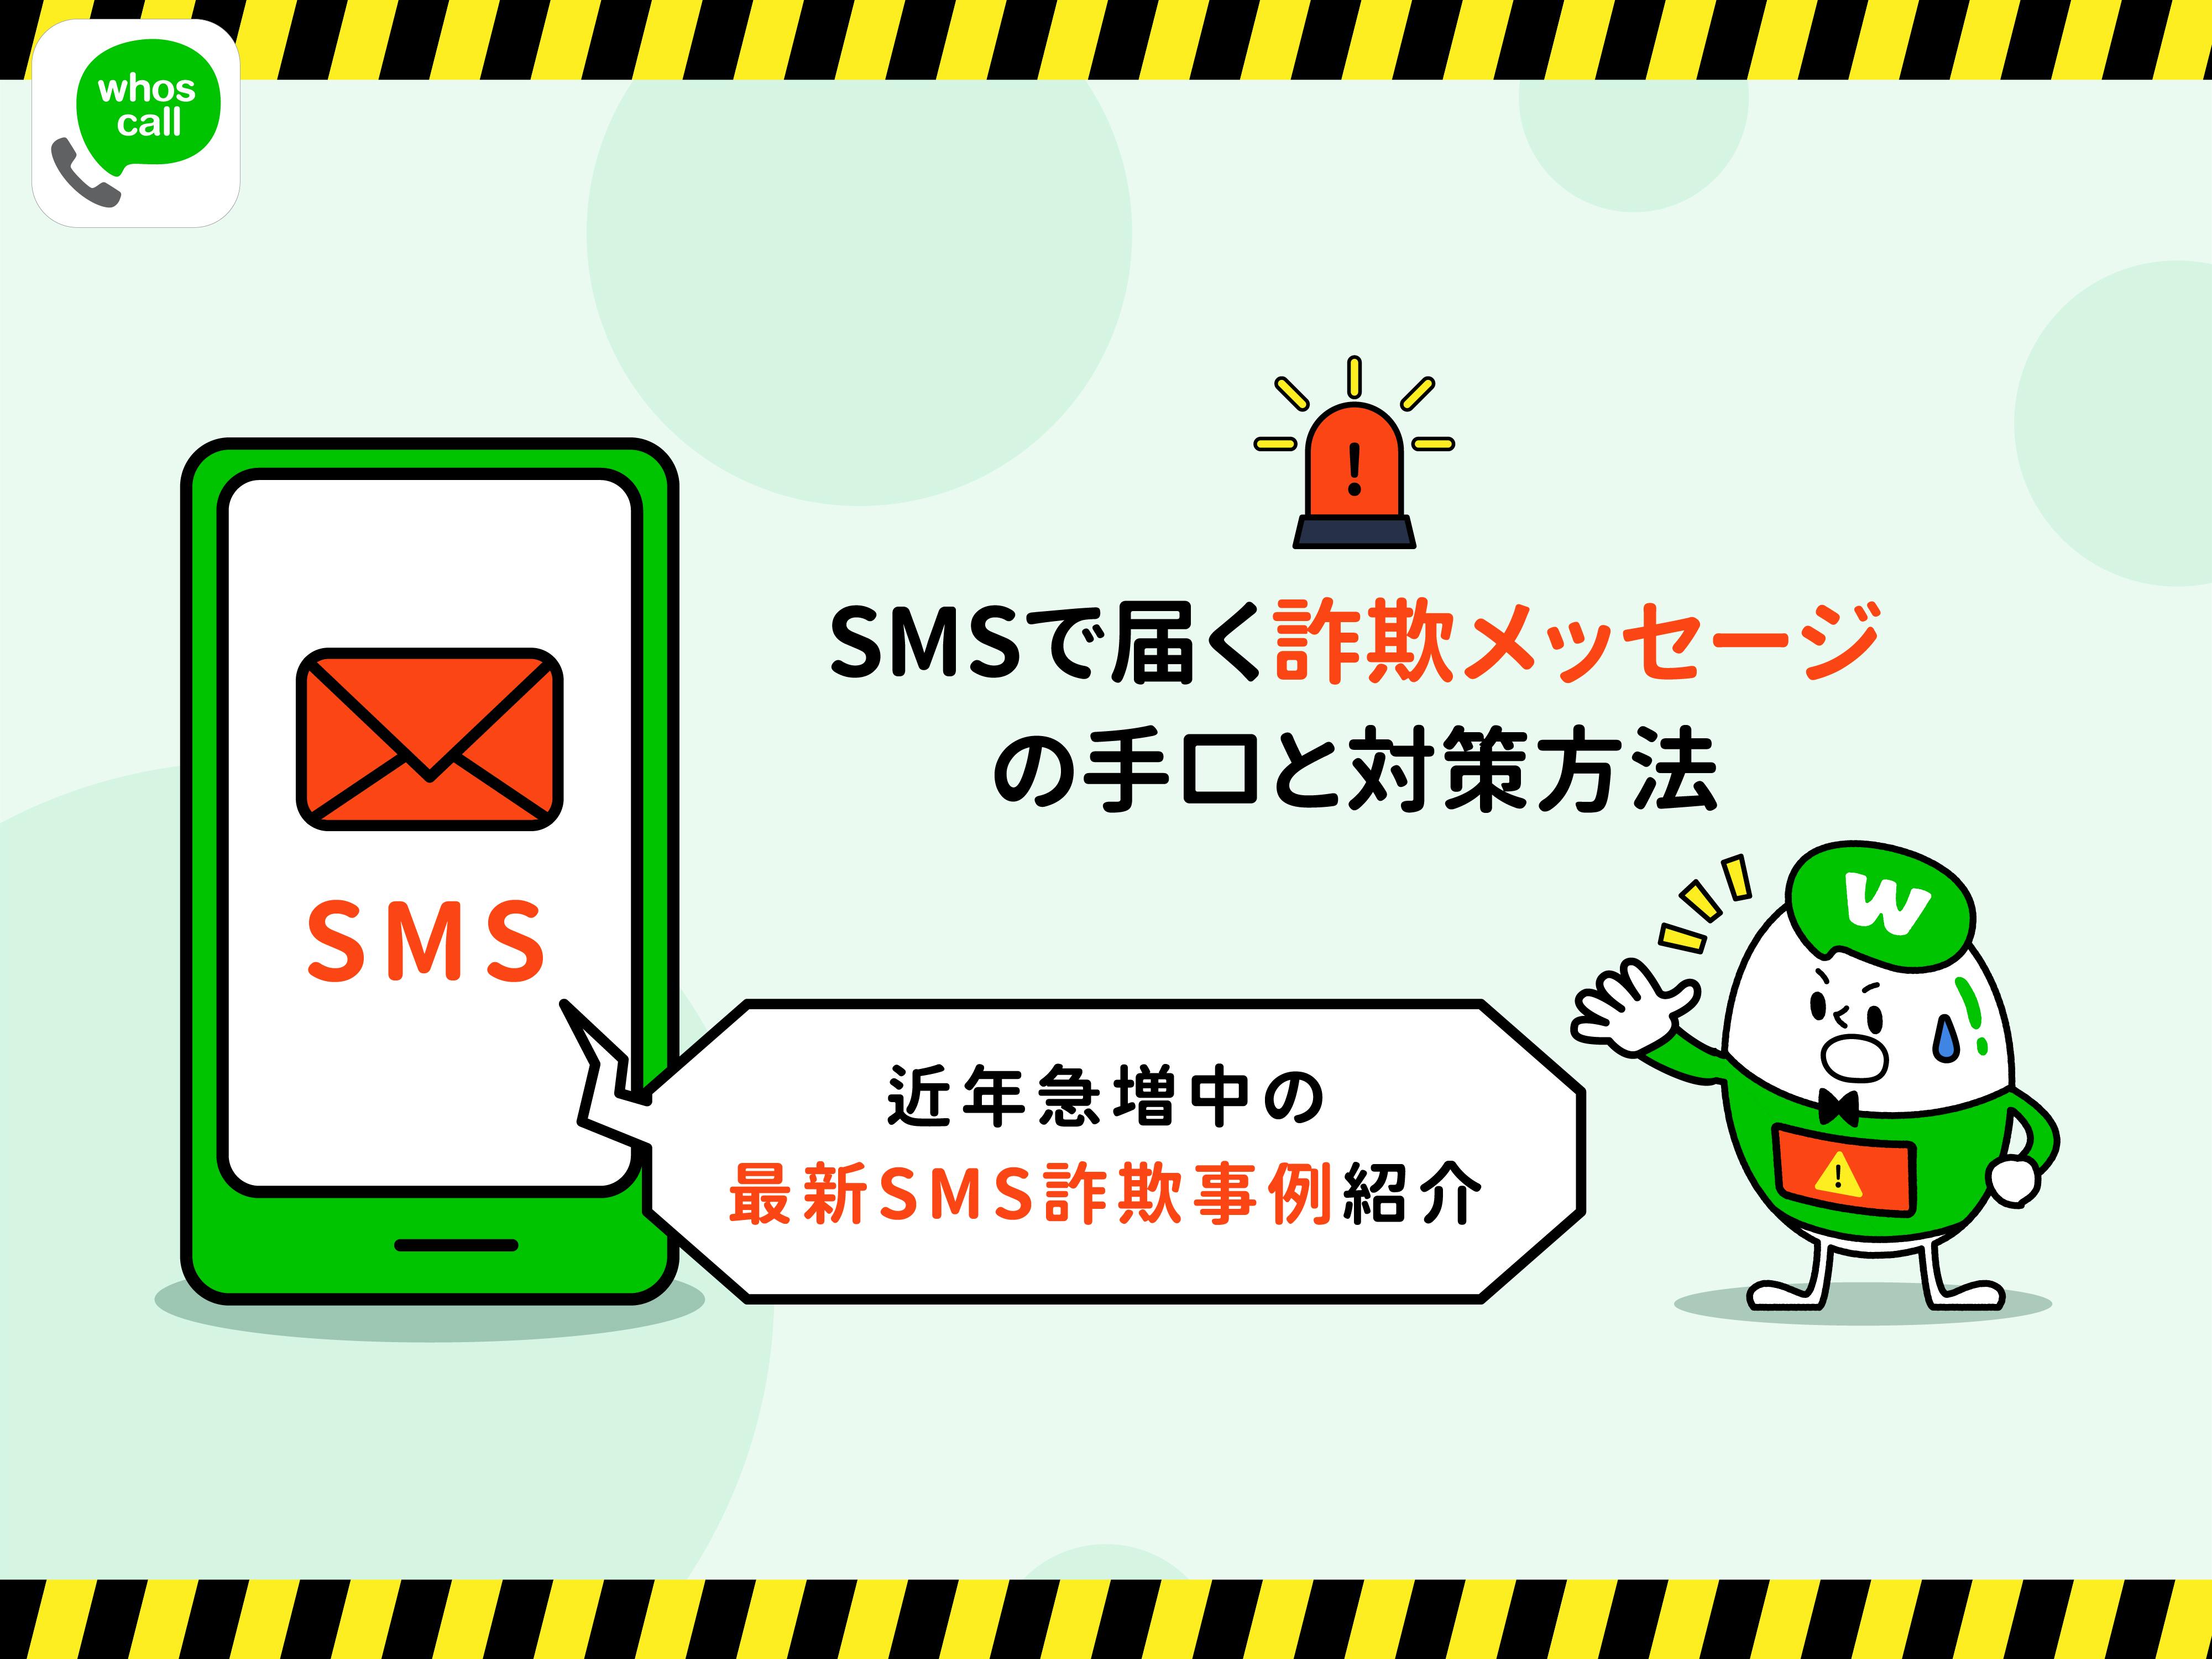 急増中!SMSで届く詐欺メッセージの手口と対策方法をご紹介!